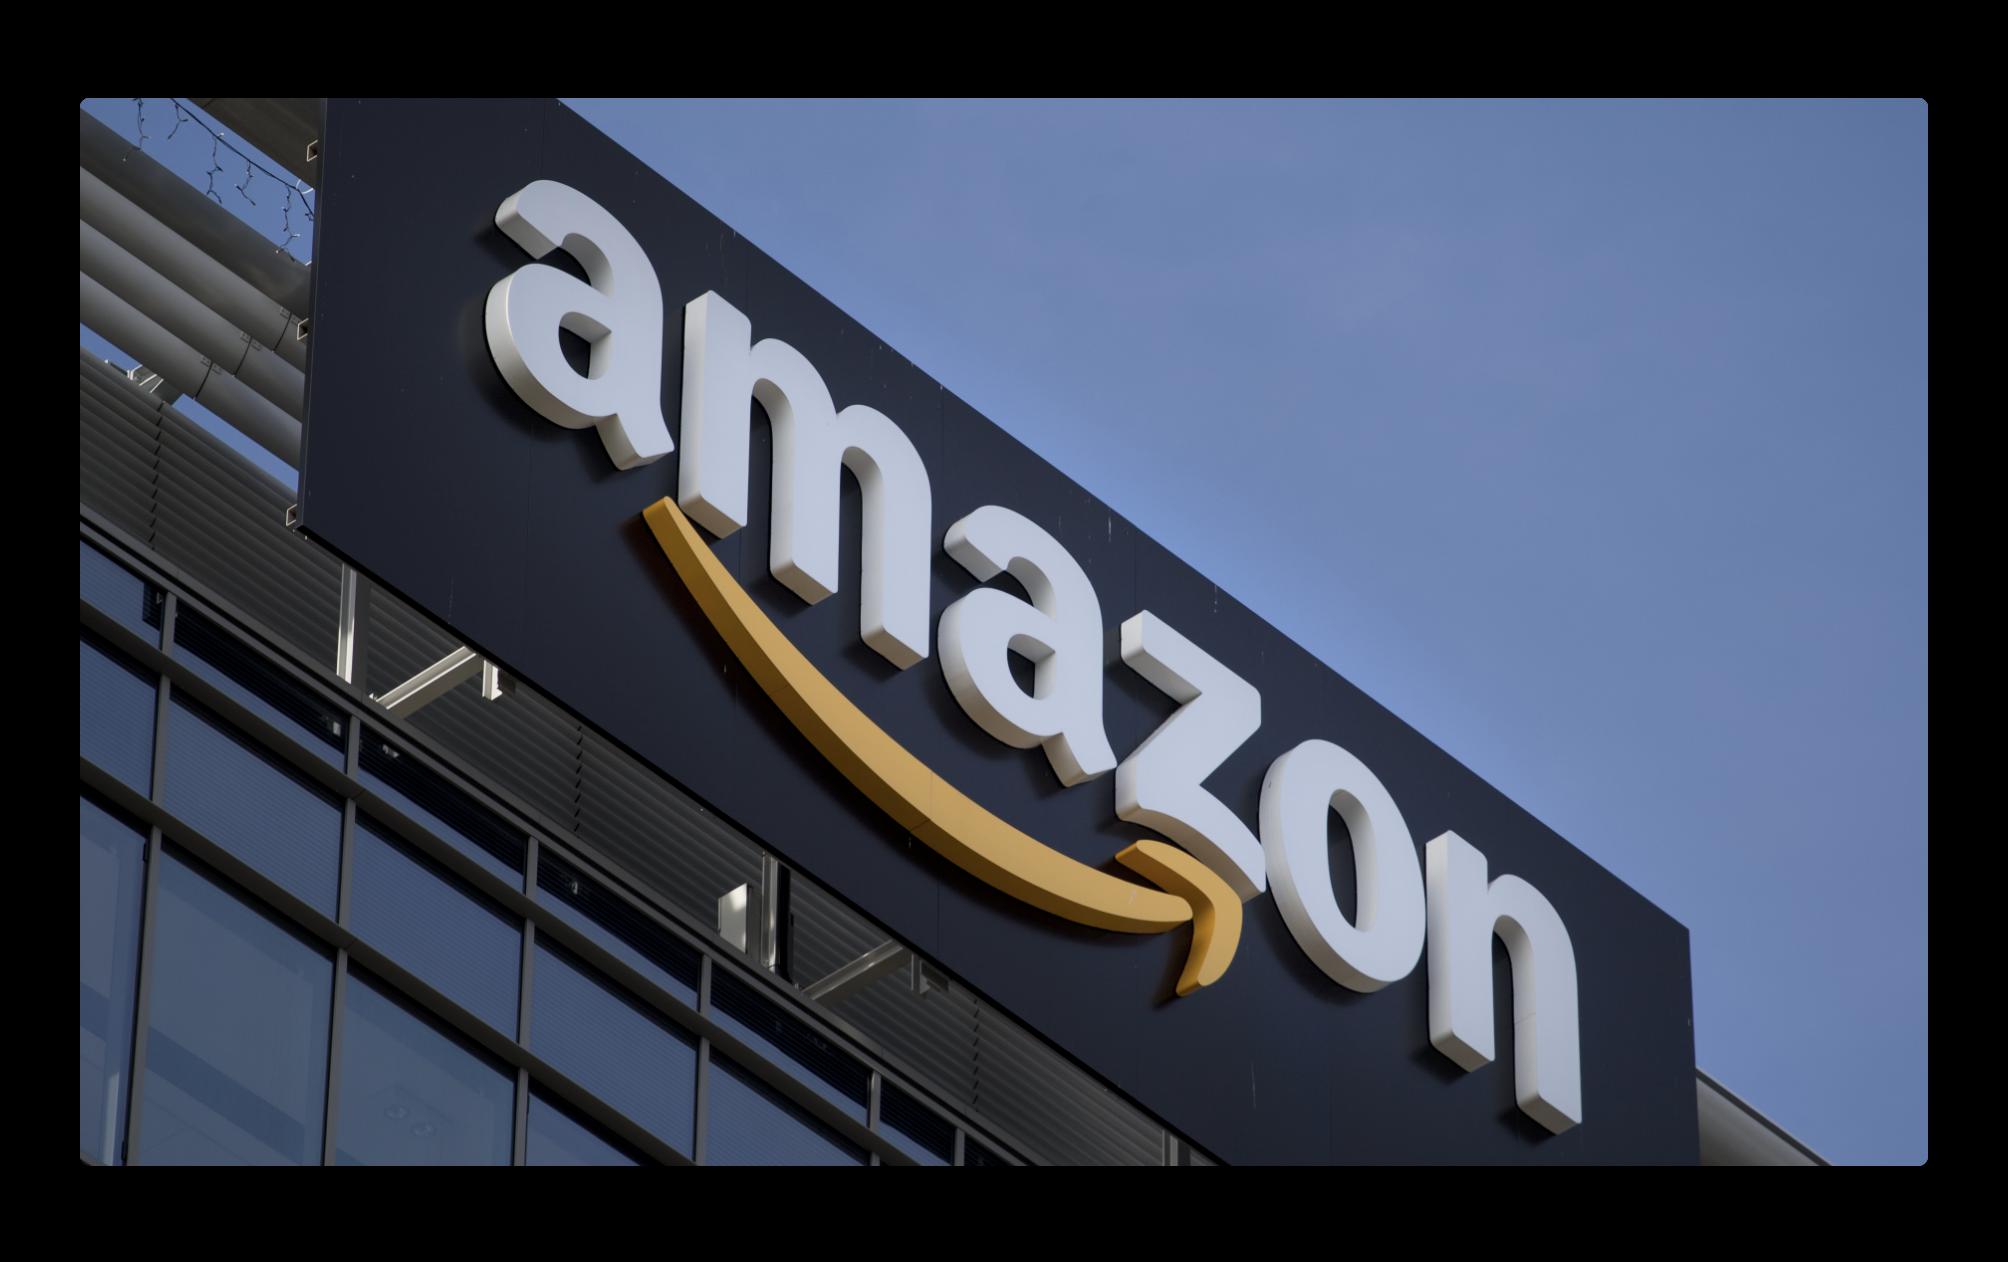 米Amazon、月額プライムレートを引き上げ、年間レートは$ 99